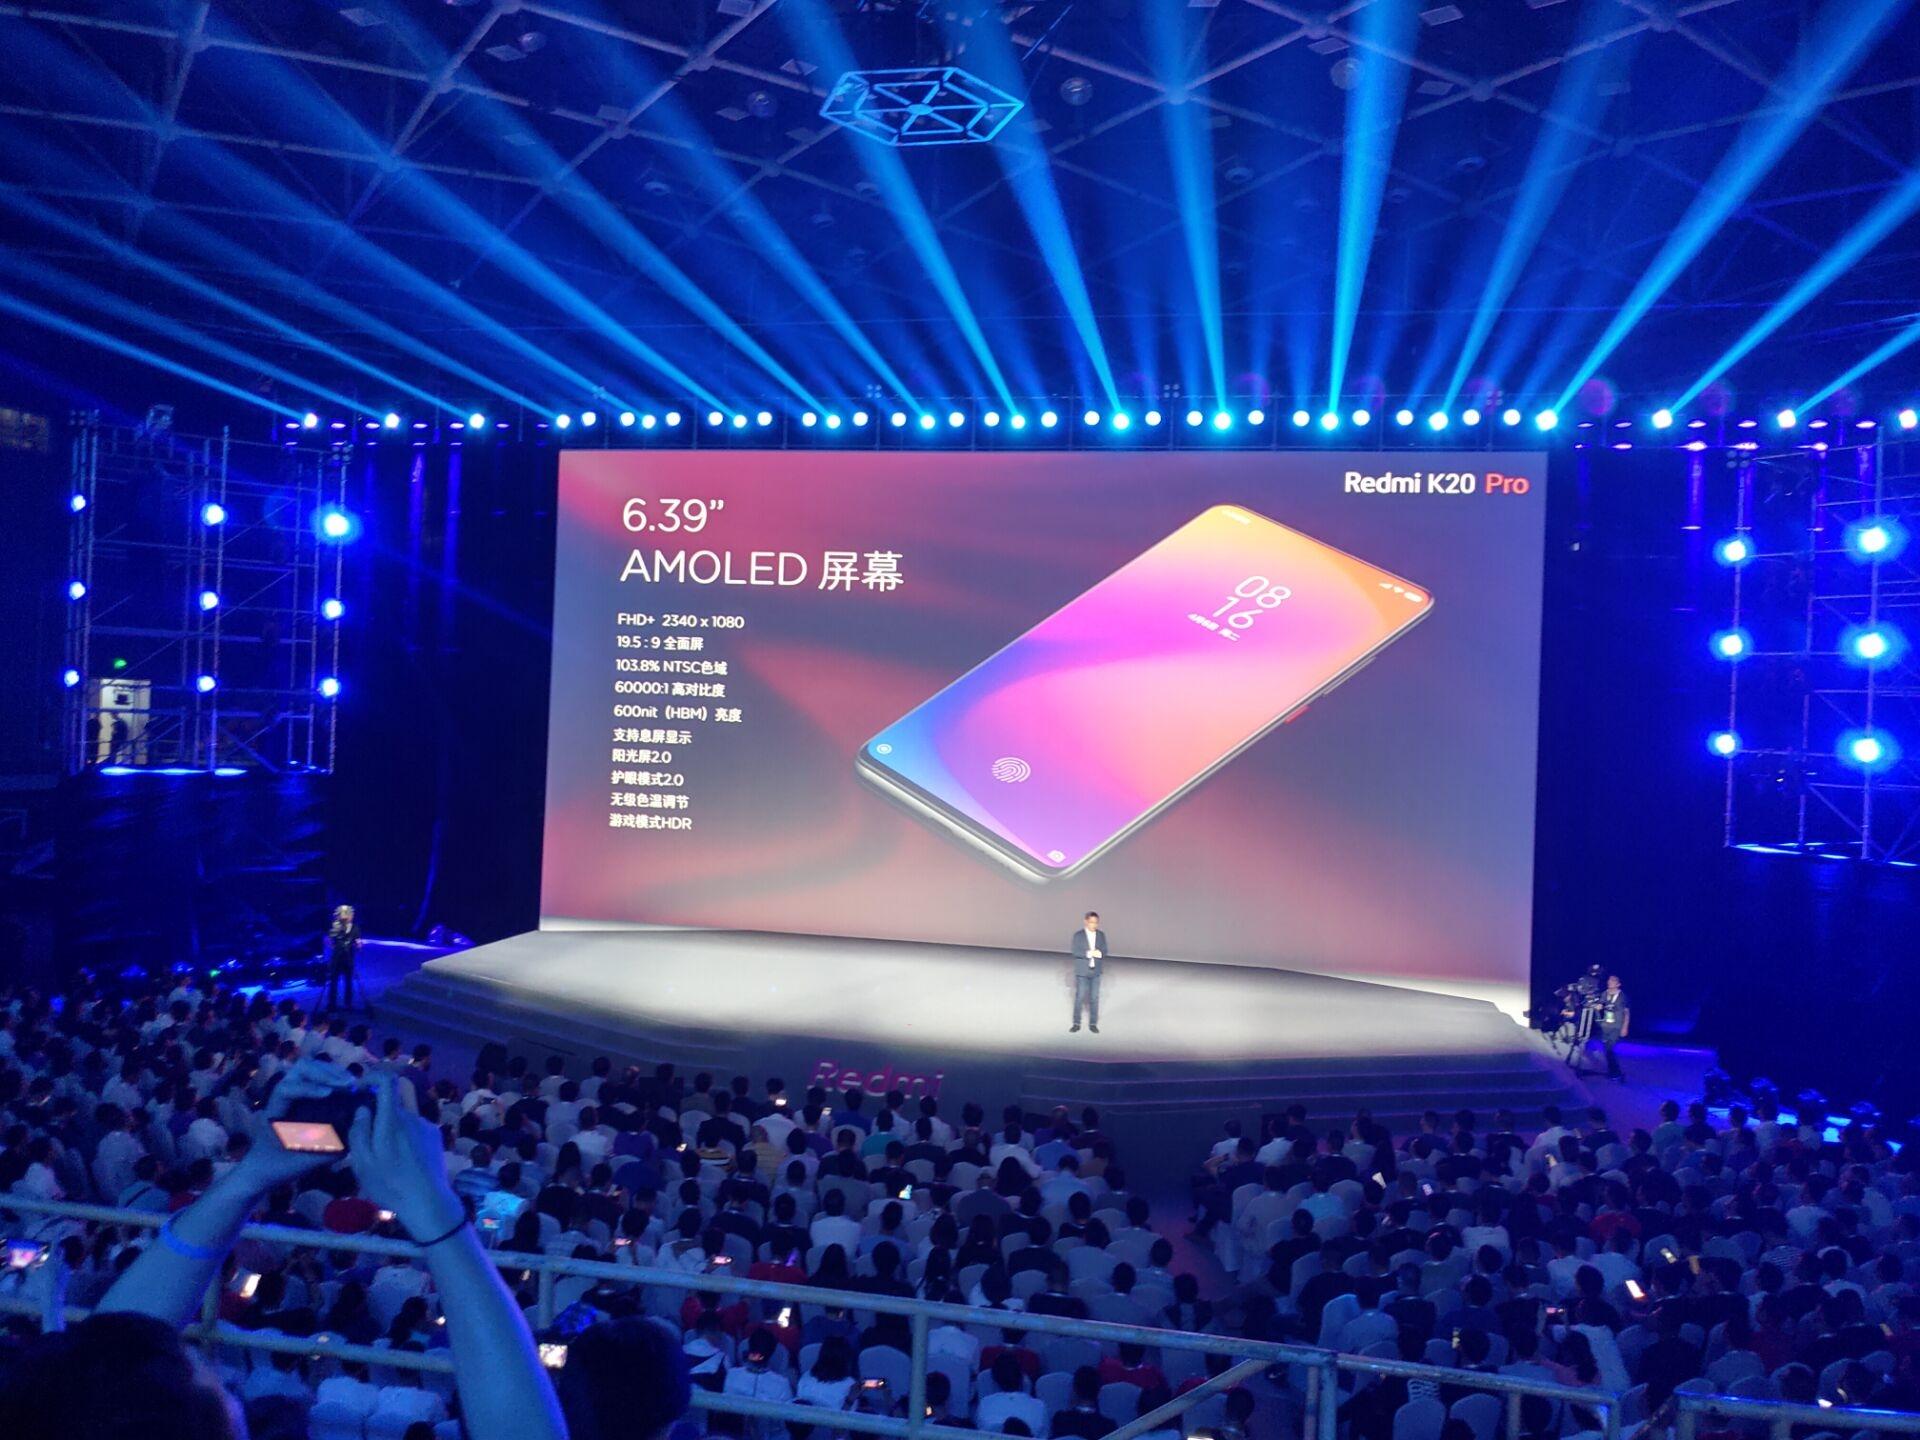 Redmi K20 Pro tích hợp màn hình Super AMOLED 6,39 inch với độ phân giải Full HD+.